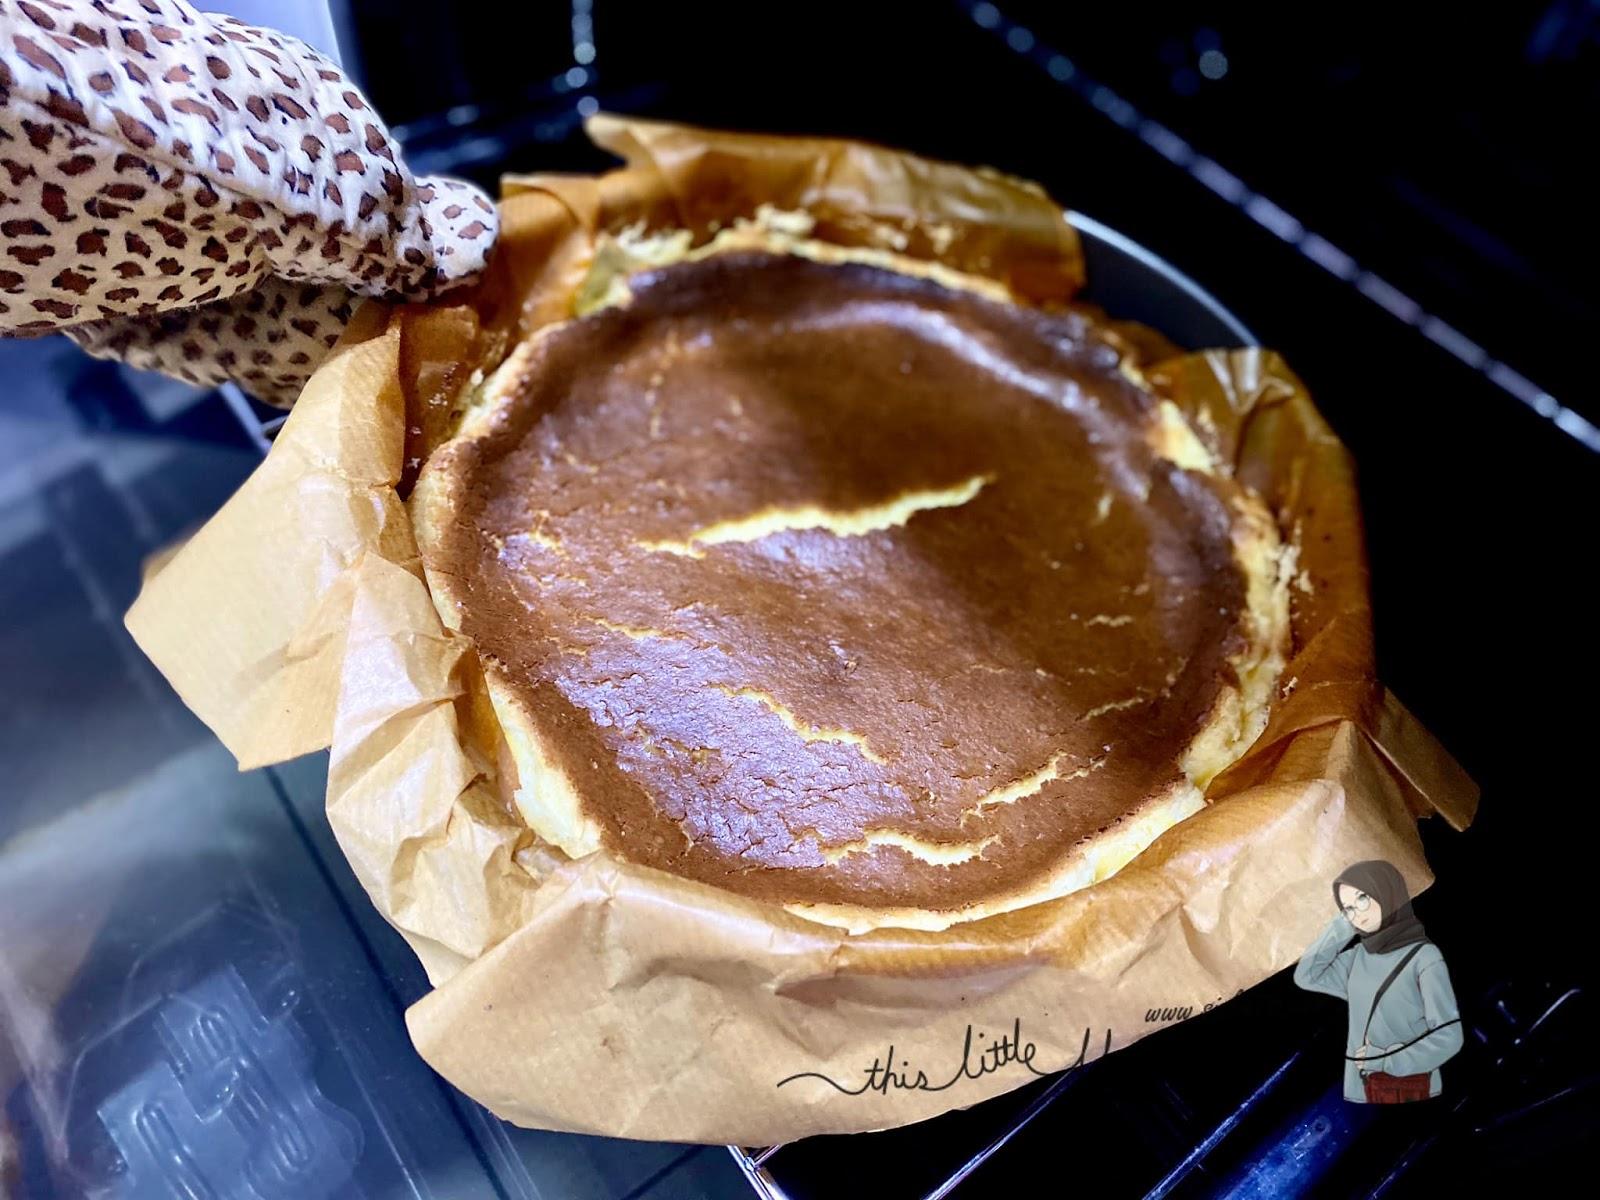 resepi basque burnt cheesecake  sedap  sis lin Resepi Kek Span Setengah Kilo Enak dan Mudah